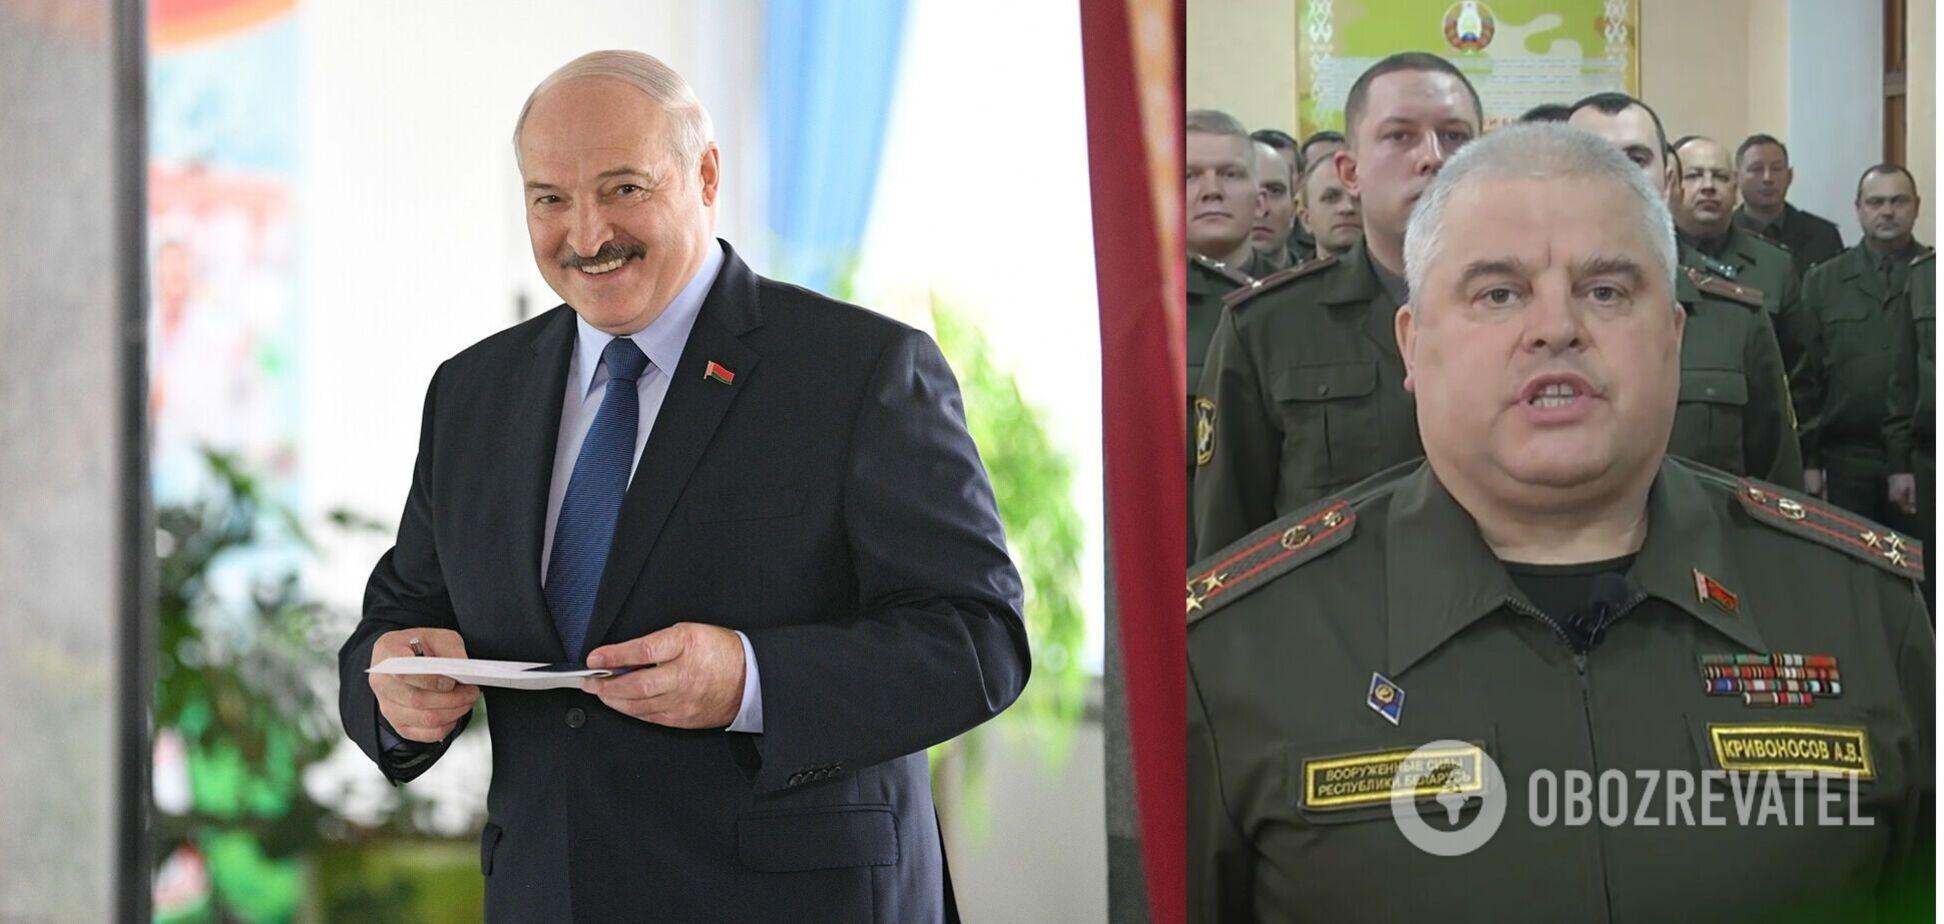 Олександр Лукашенко і Андрій Кривоносов